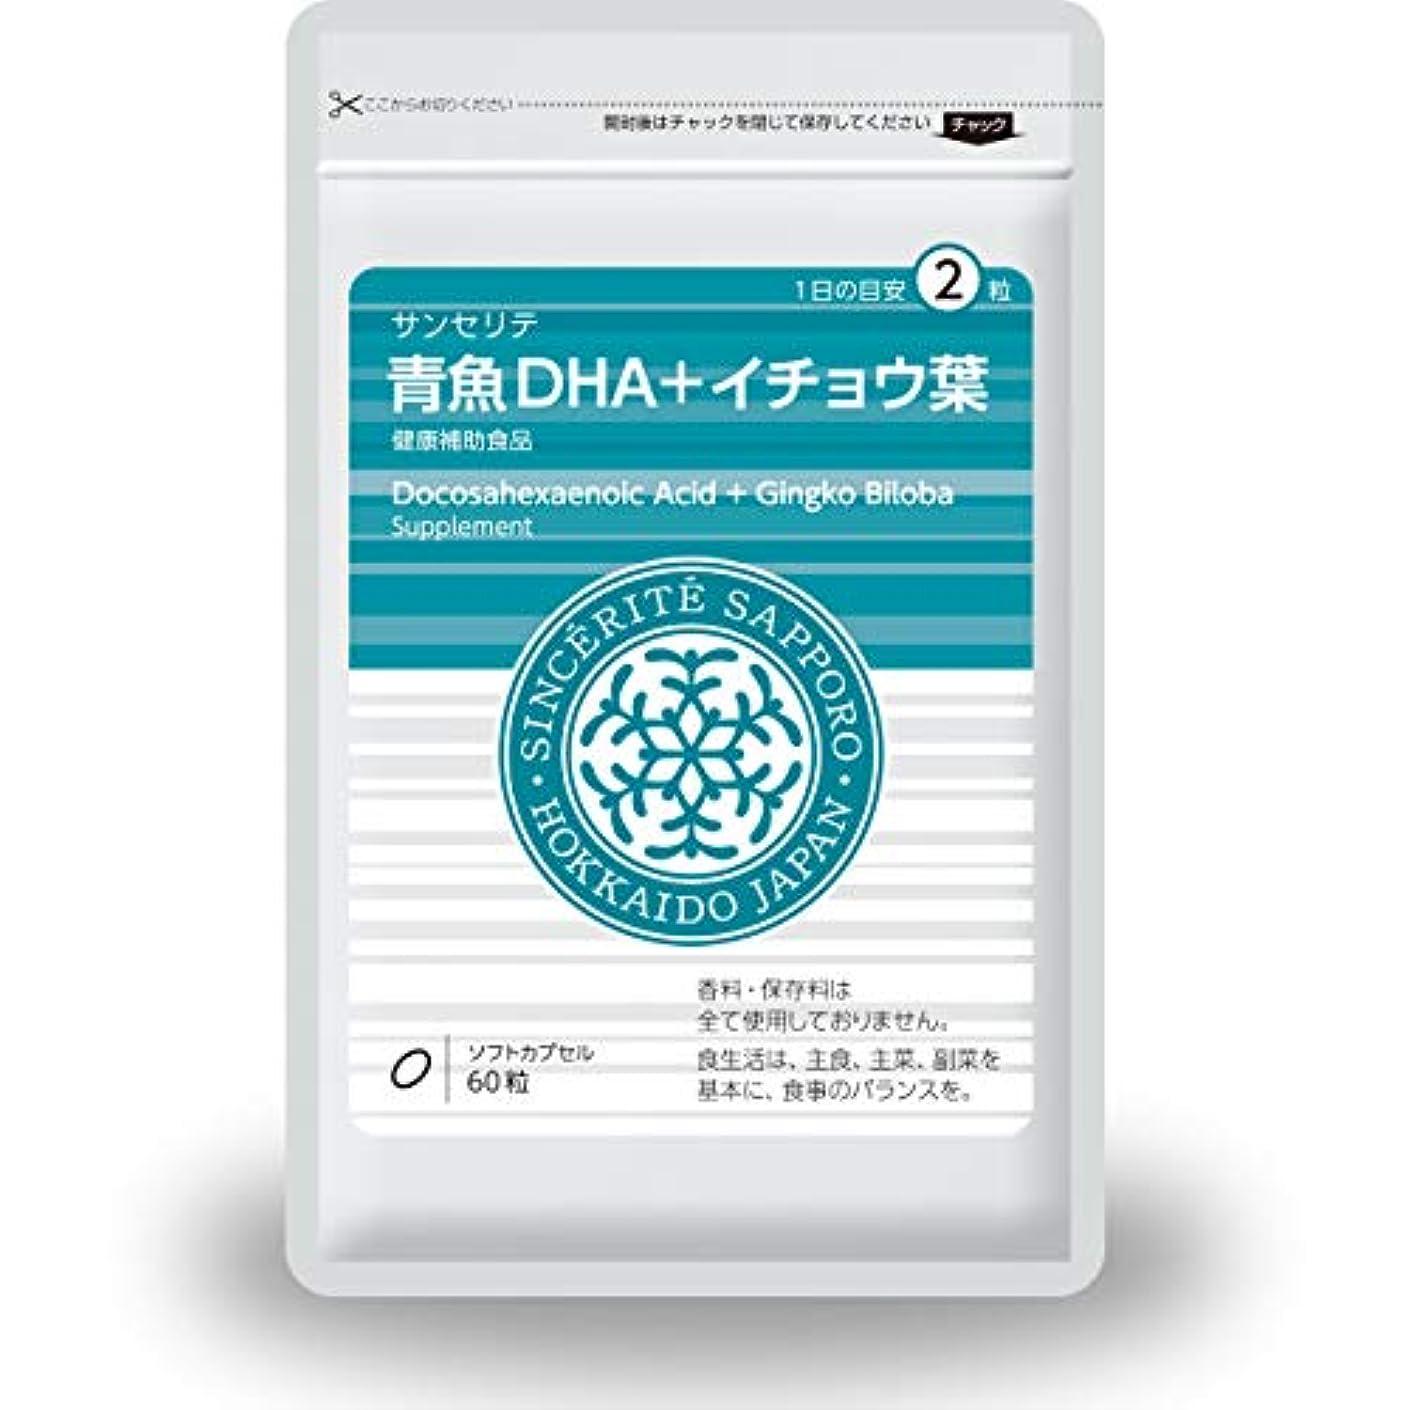 セラー暗記する野心青魚DHA+イチョウ葉 [DHA]101mg配合[国内製造]しっかり30日分